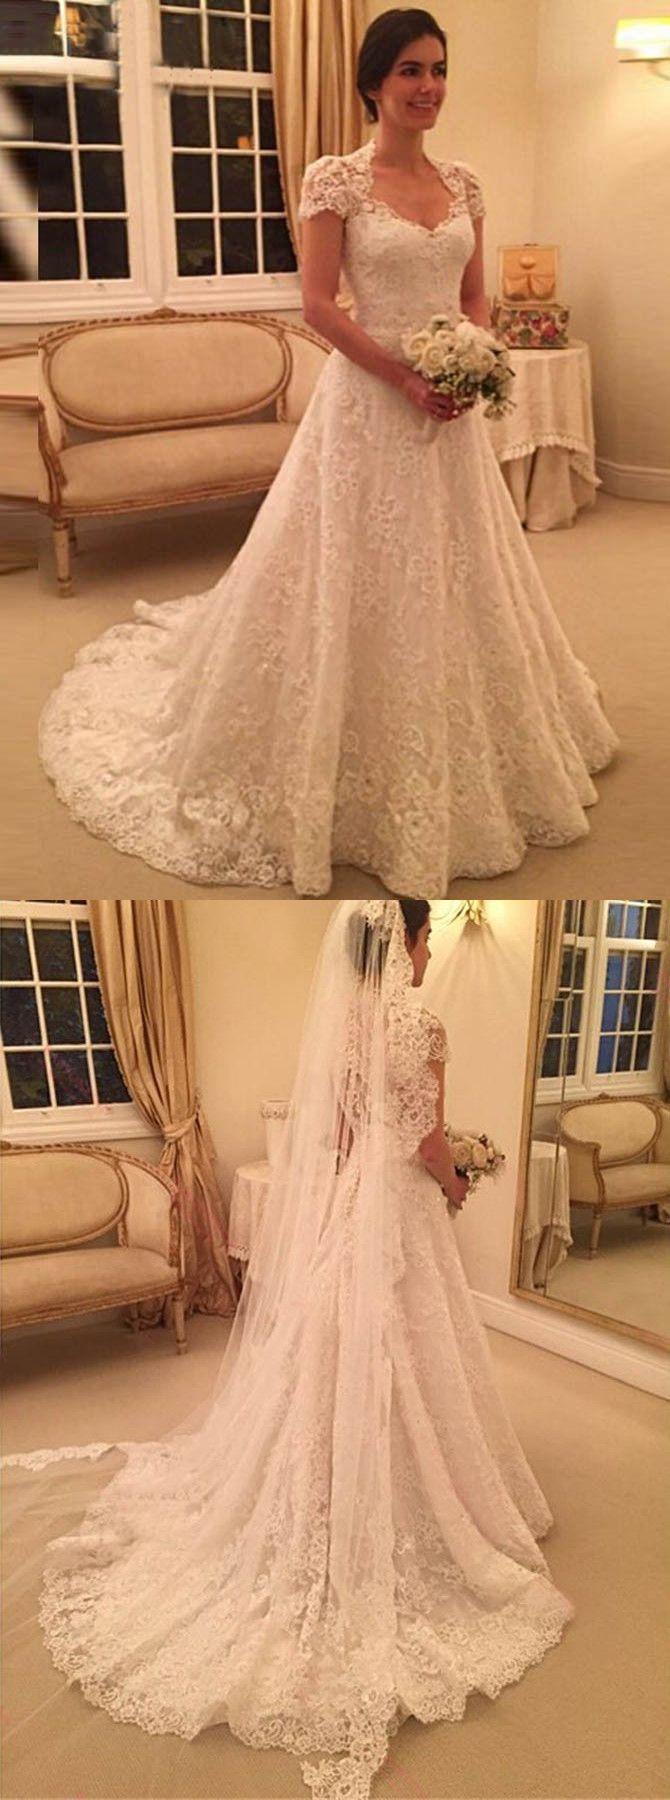 Find me a dress for a wedding wedding dress wedding and wedding